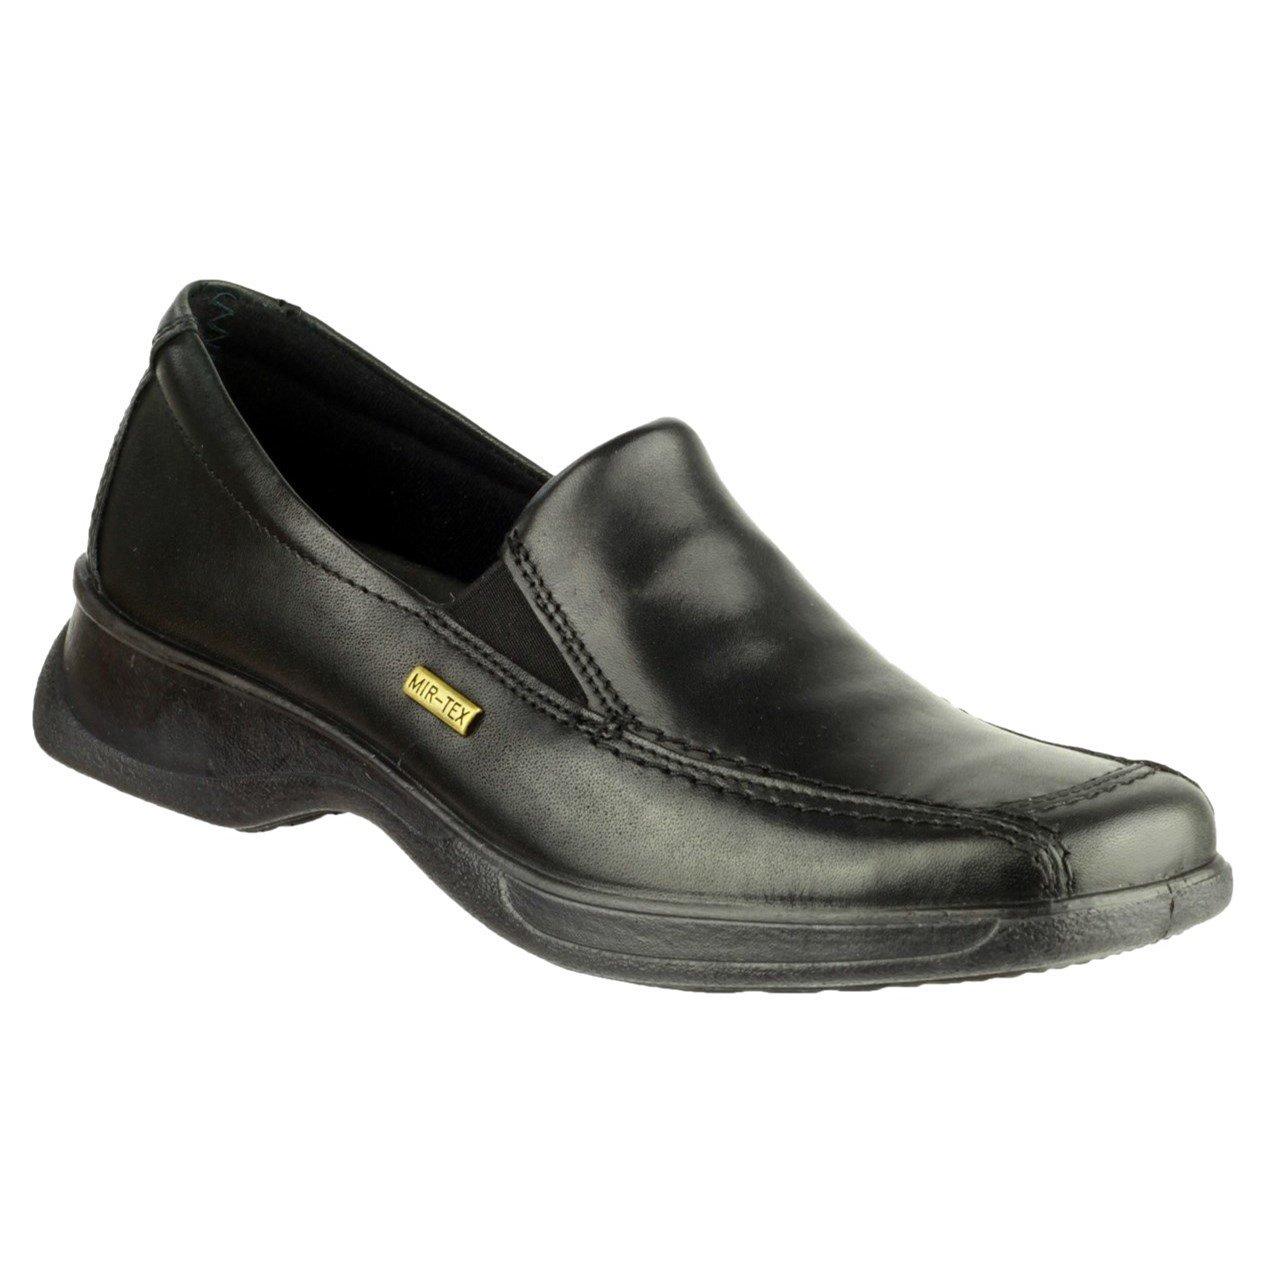 Cotswold Women's Hazelton 2 Waterproof Shoe Black 32983 - Black 3